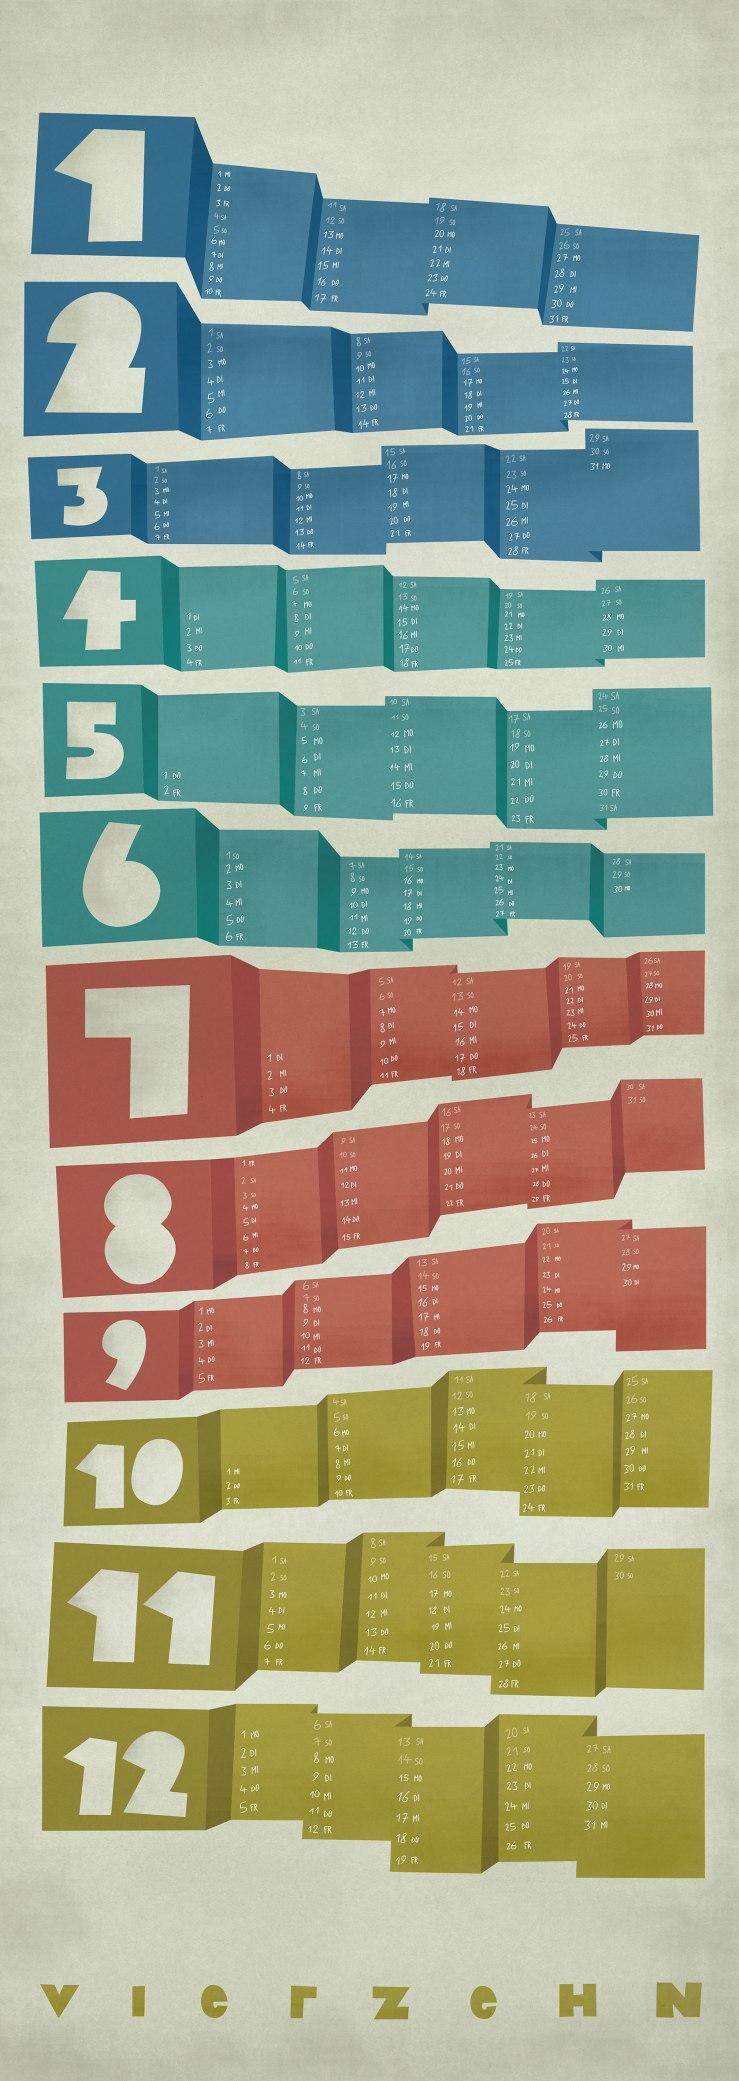 kalender_014_rz_18.11_web